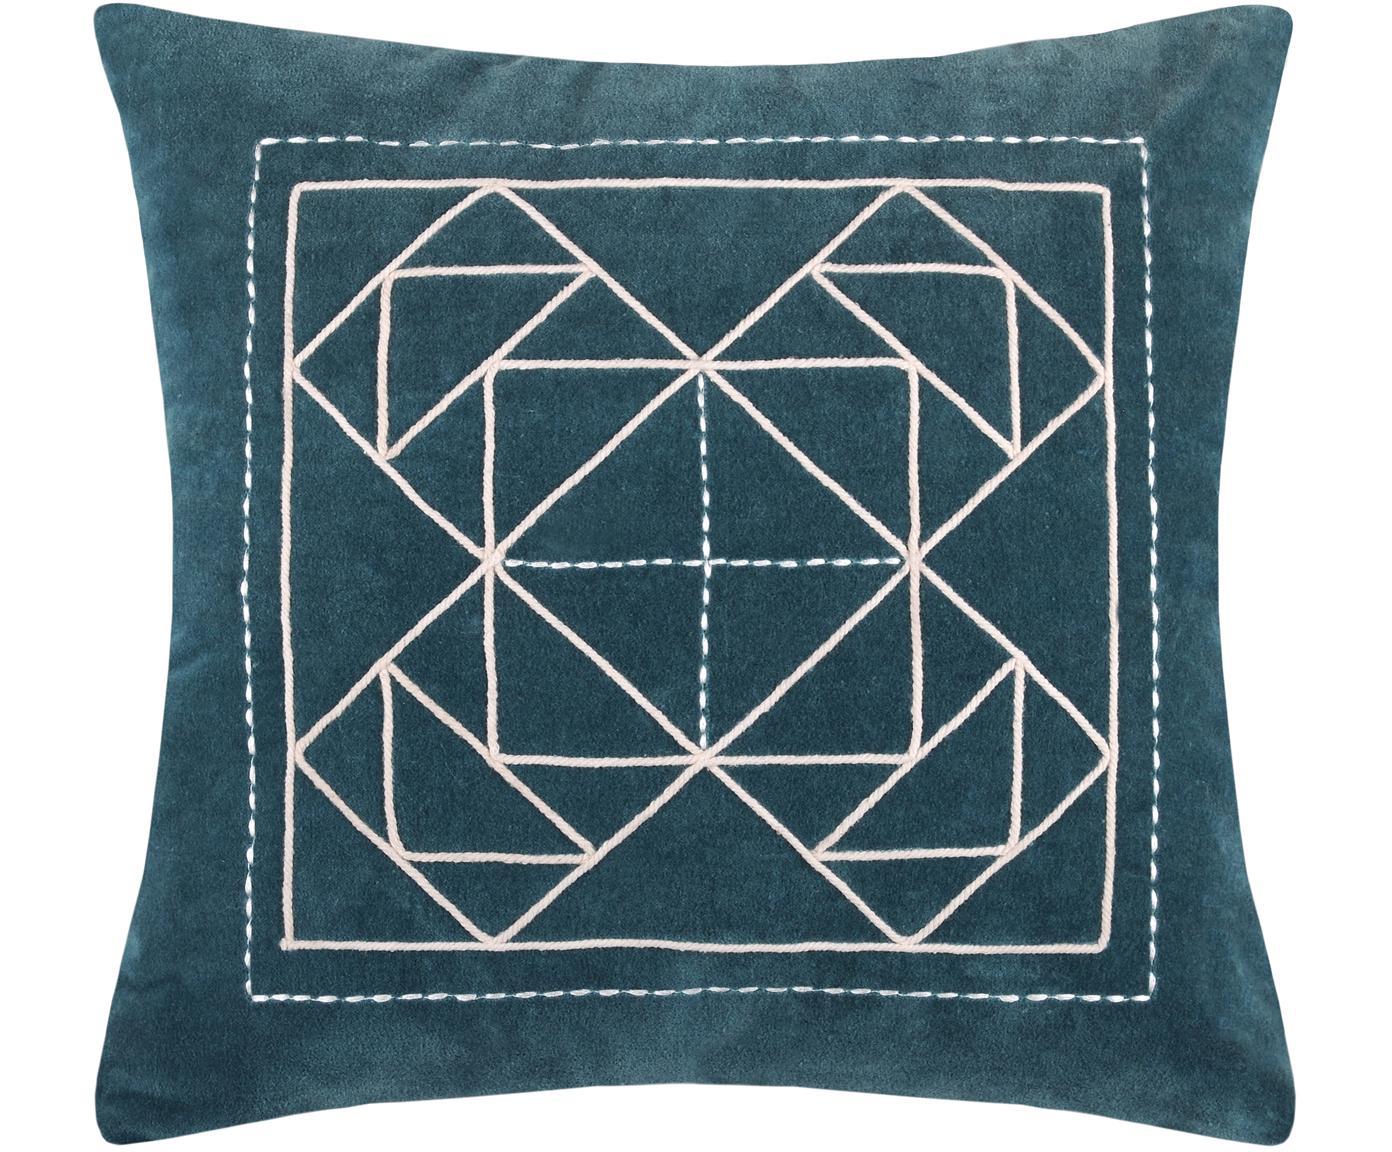 Kissen Niro mit graphischem Muster, mit Inlett, Bezug: 100% Baumwolle, Petrolblau, Weiß, 40 x 40 cm